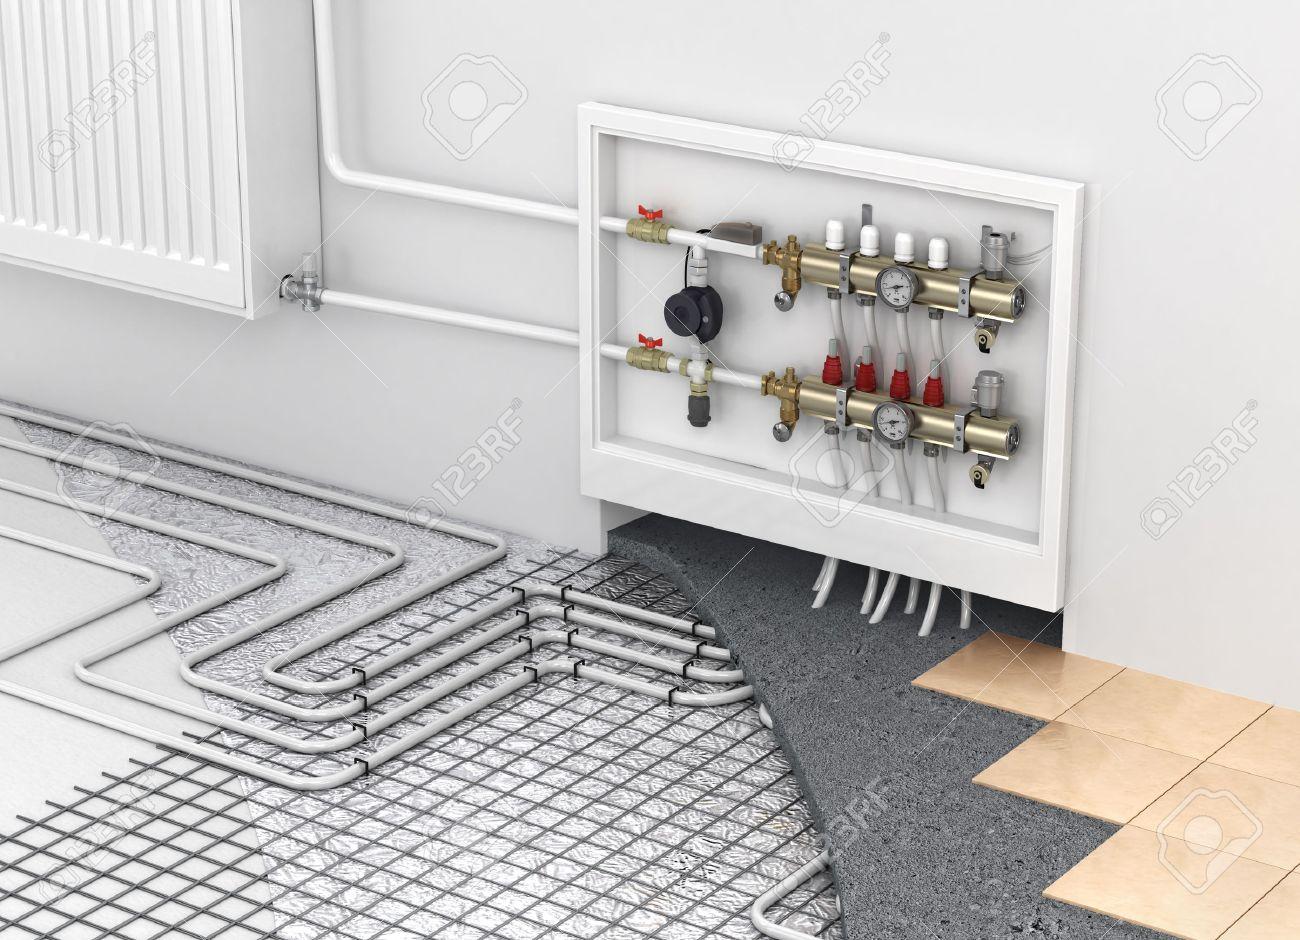 Underfloor Heating With Collector And Radiator In The Room  ~ Calefaccion Por Suelo Radiante Precio